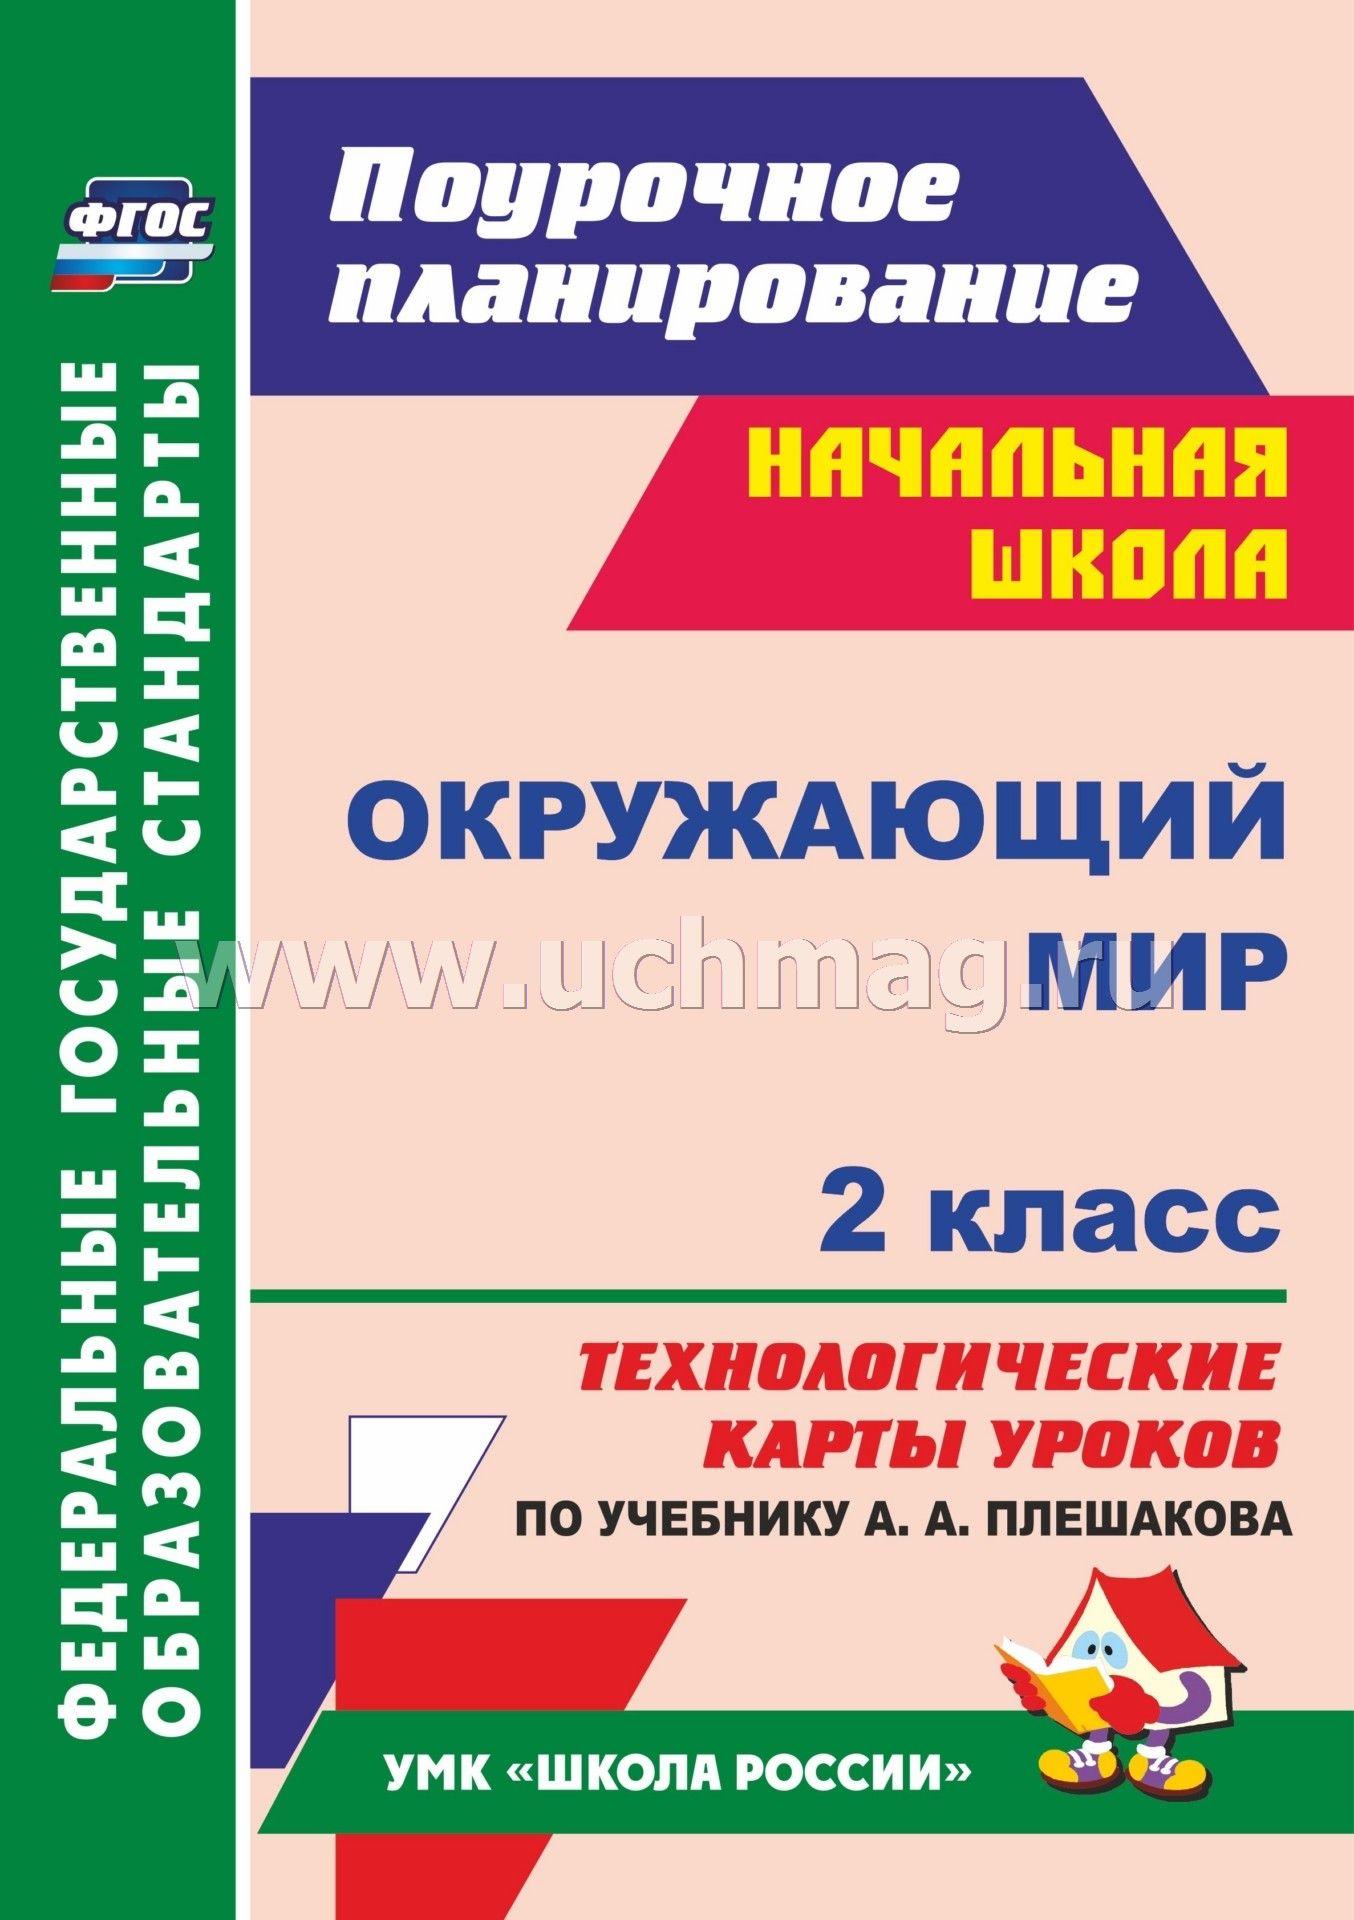 Технологическая карта урока по фгос 2 класс окружающий мир школа россии